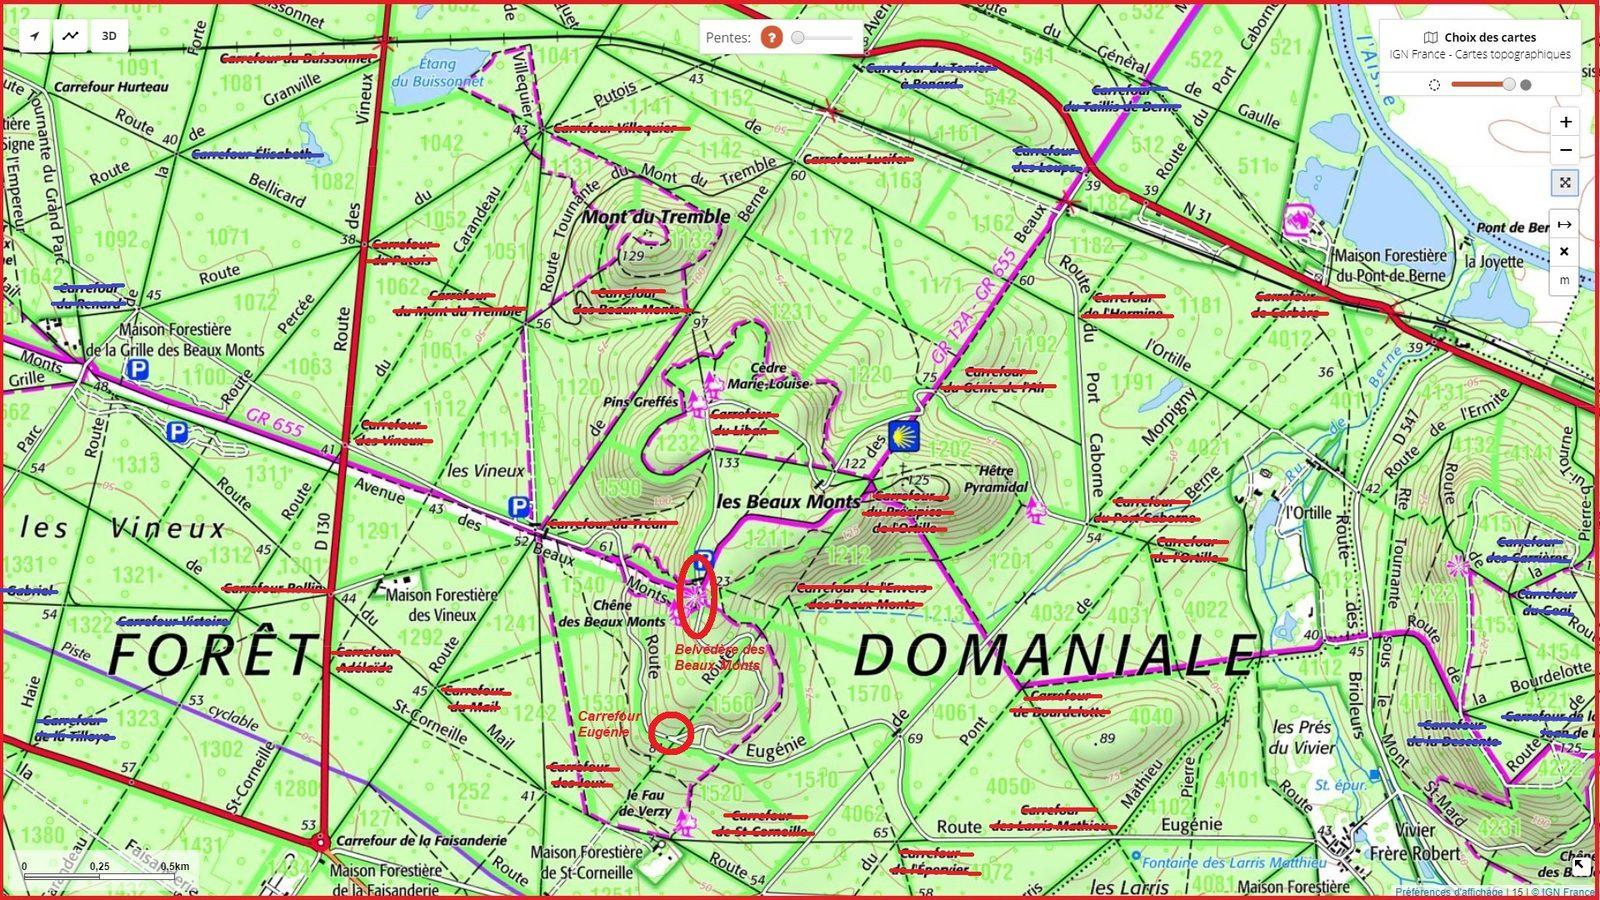 en forêt de Compiègne, le carrefour de Bourdelotte